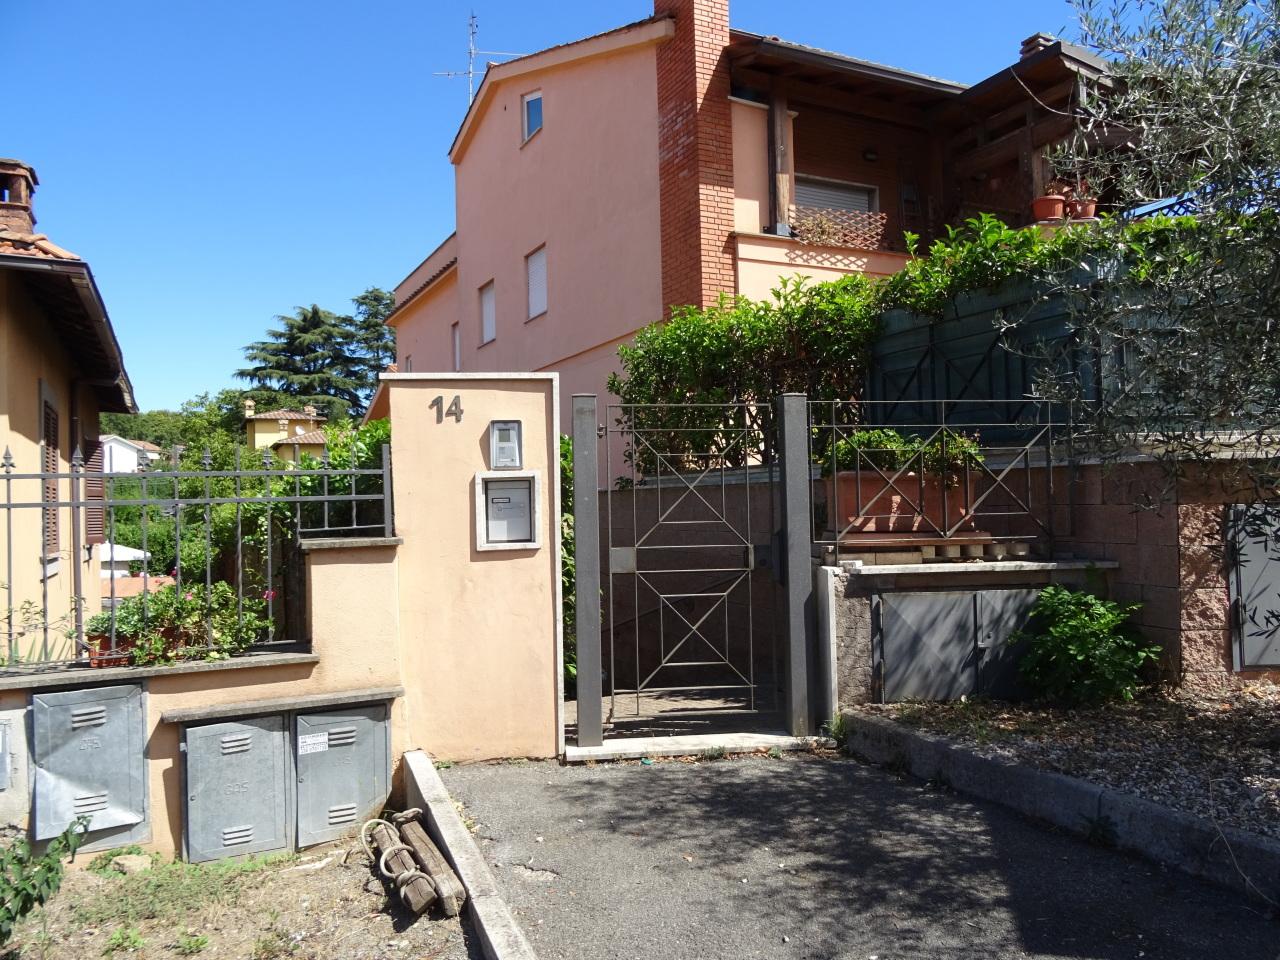 Appartamento in vendita a Grottaferrata, 3 locali, prezzo € 185.000   Cambio Casa.it